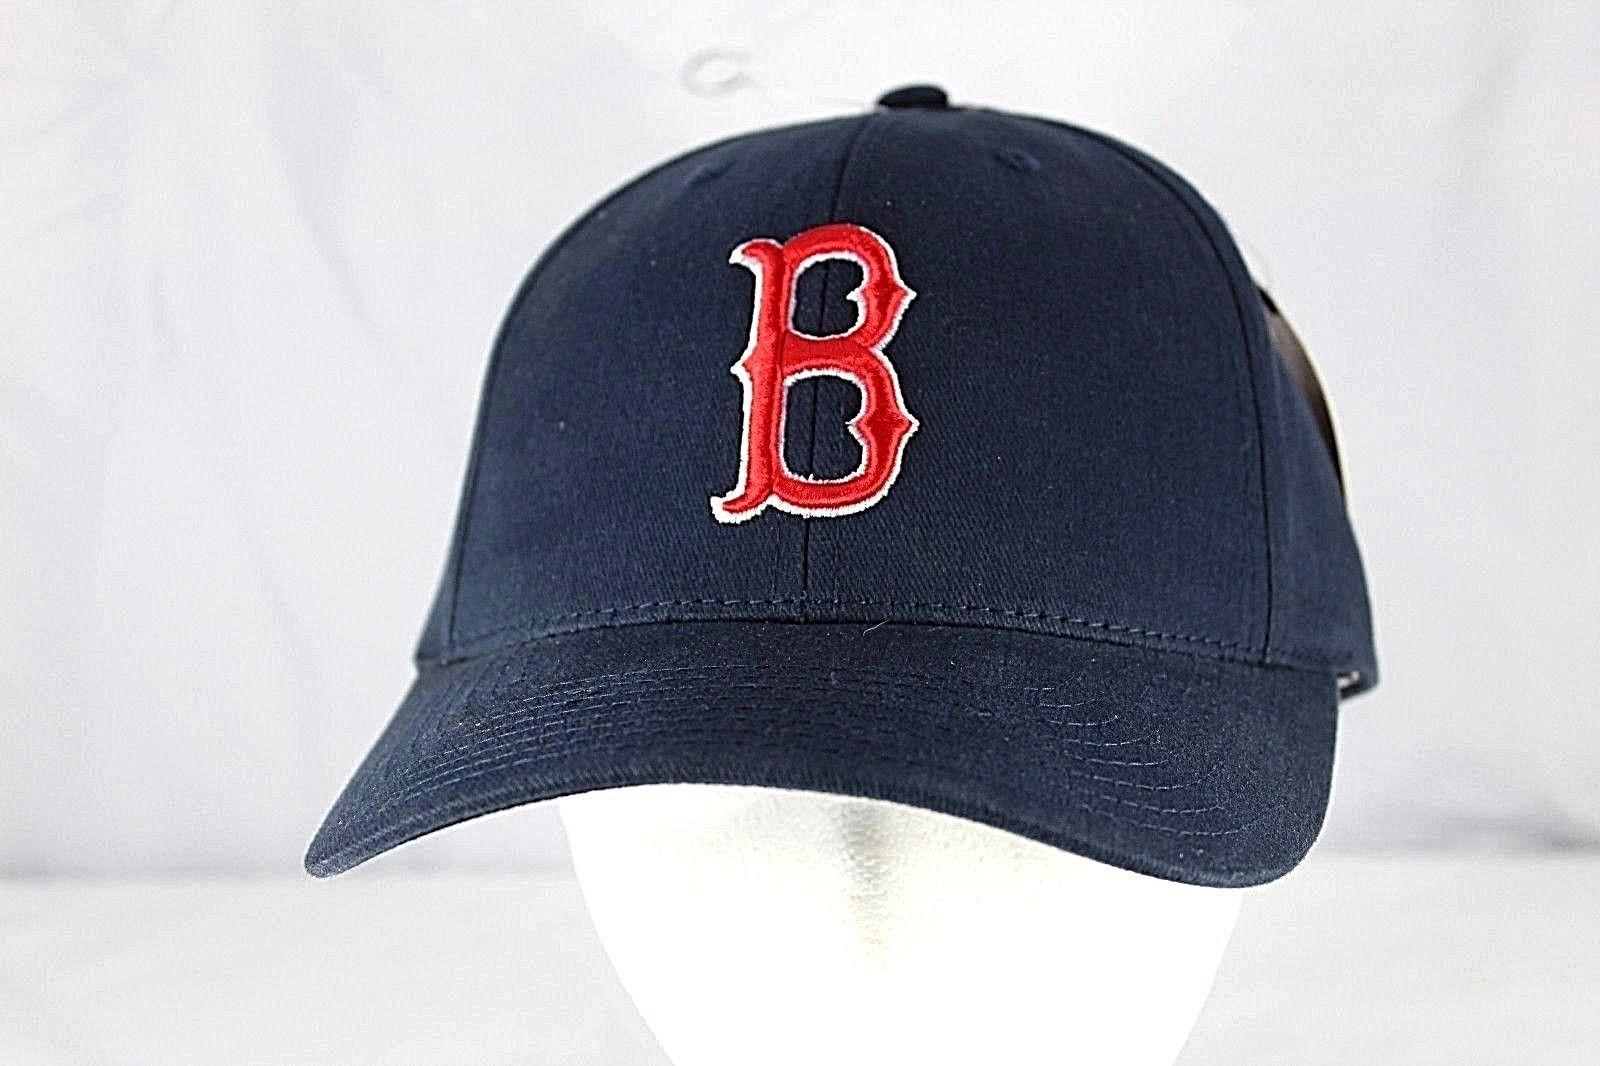 acfac68a0 wholesale washington nationals hat walmart upc 73e78 74b6e